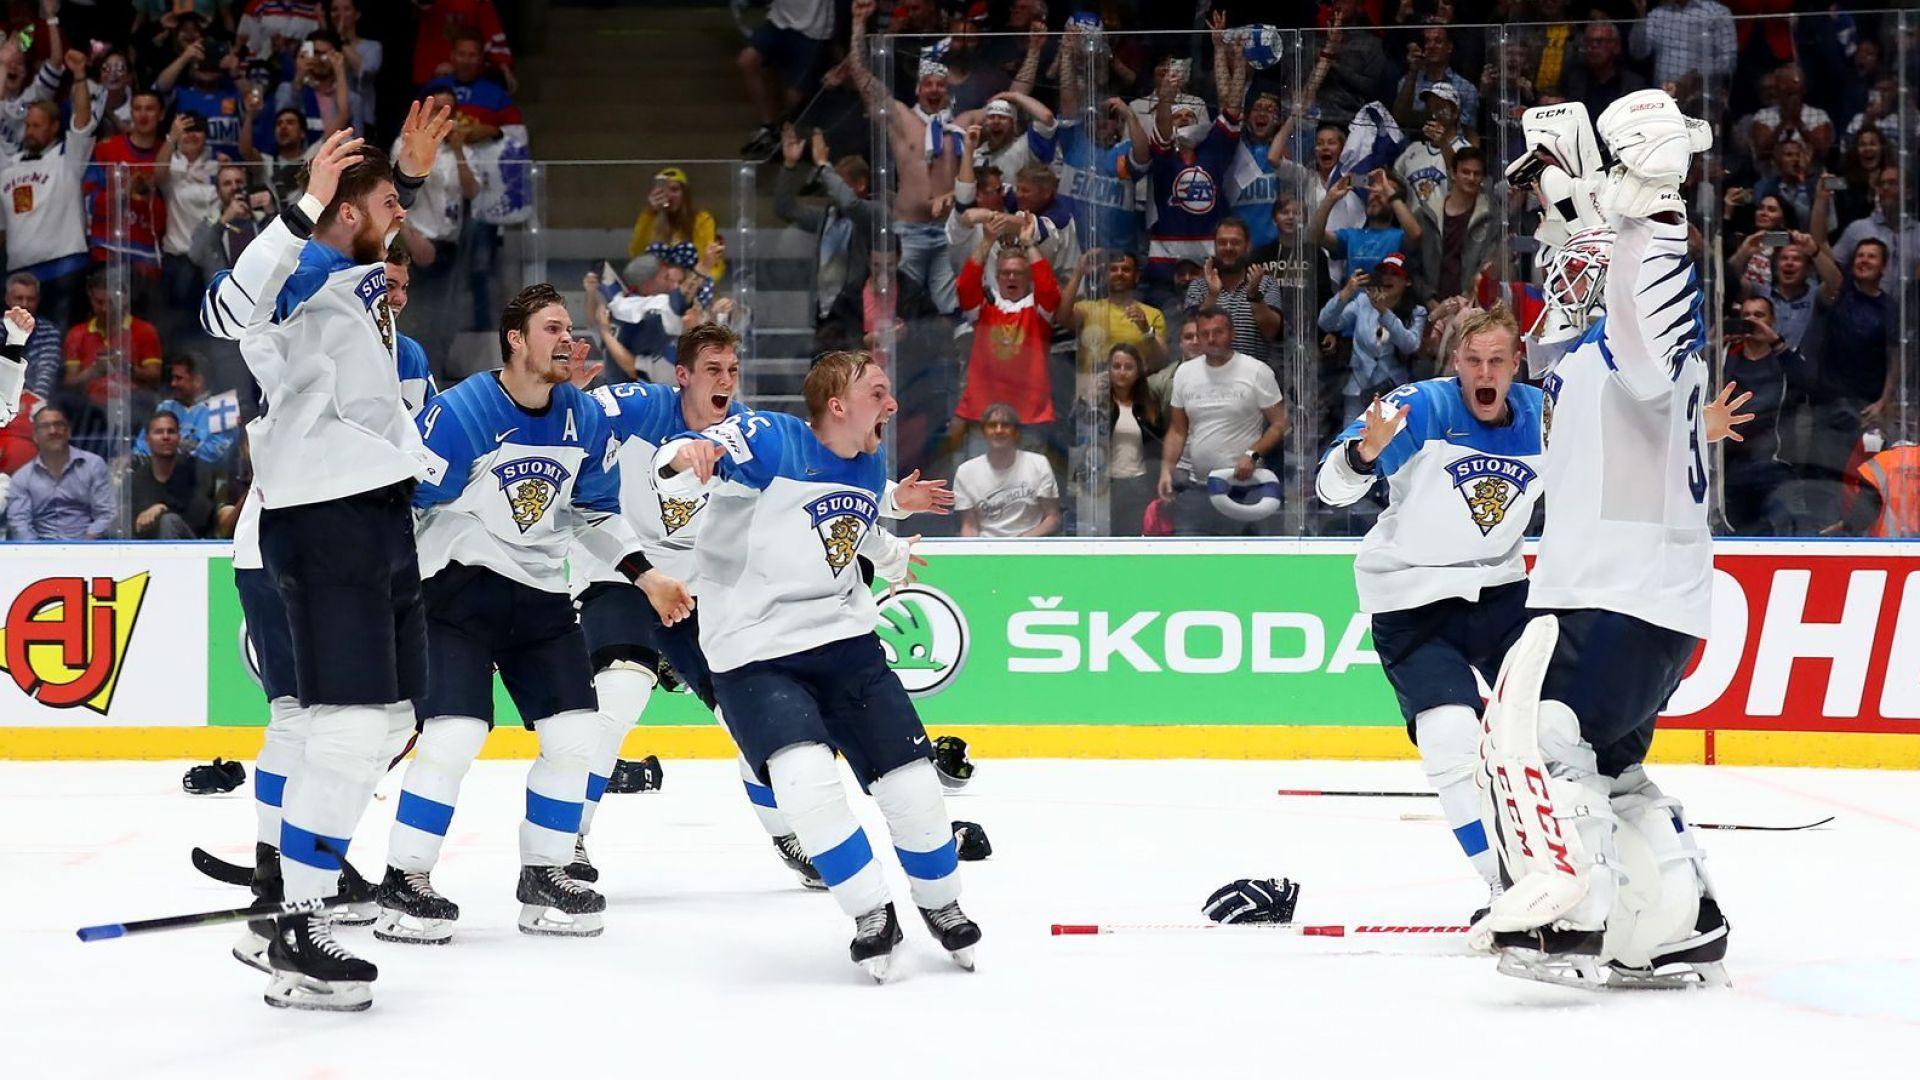 Големи финландски бойци заслужиха световната титла